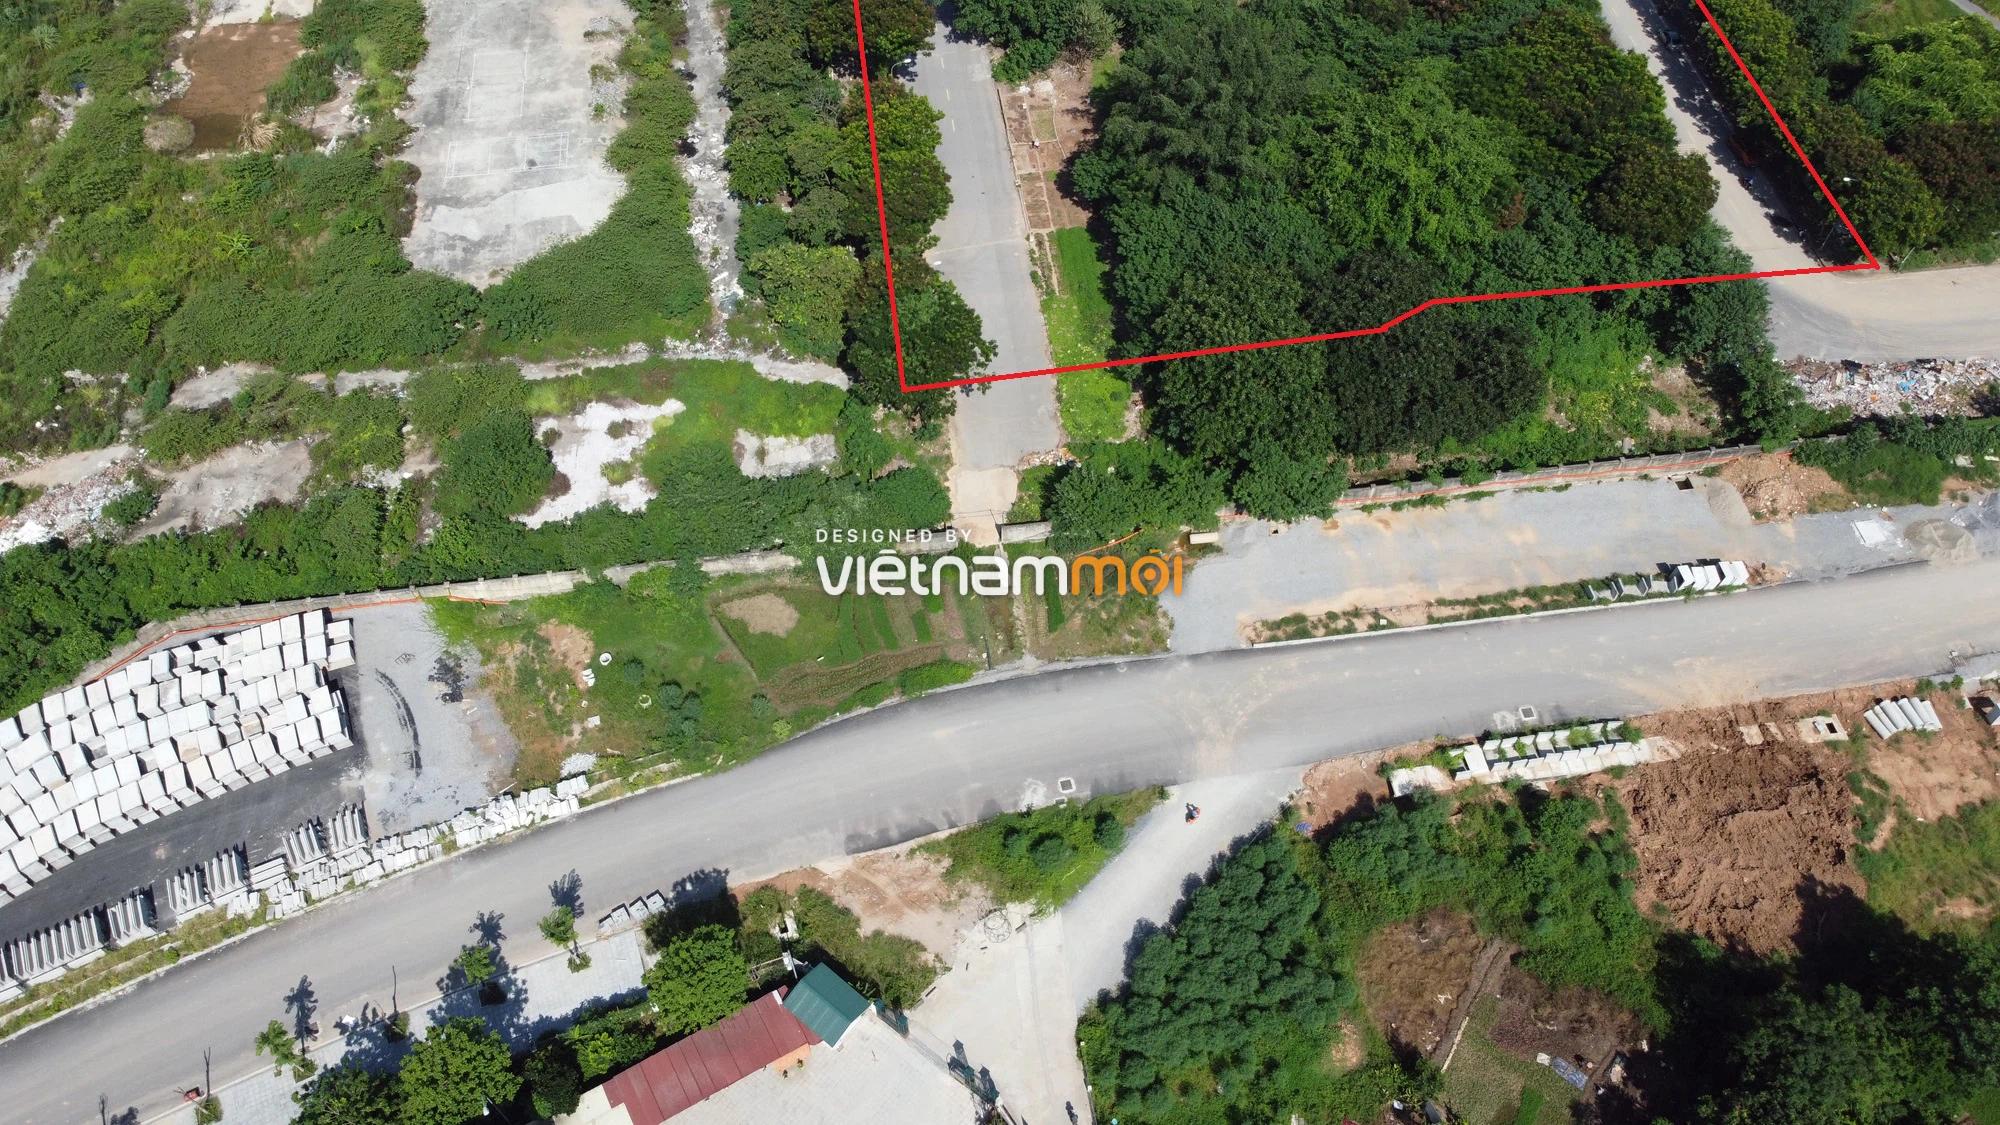 Những khu đất sắp thu hồi để mở đường ở phường Mỹ Đình 1, Nam Từ Liêm, Hà Nội (phần 1) - Ảnh 5.